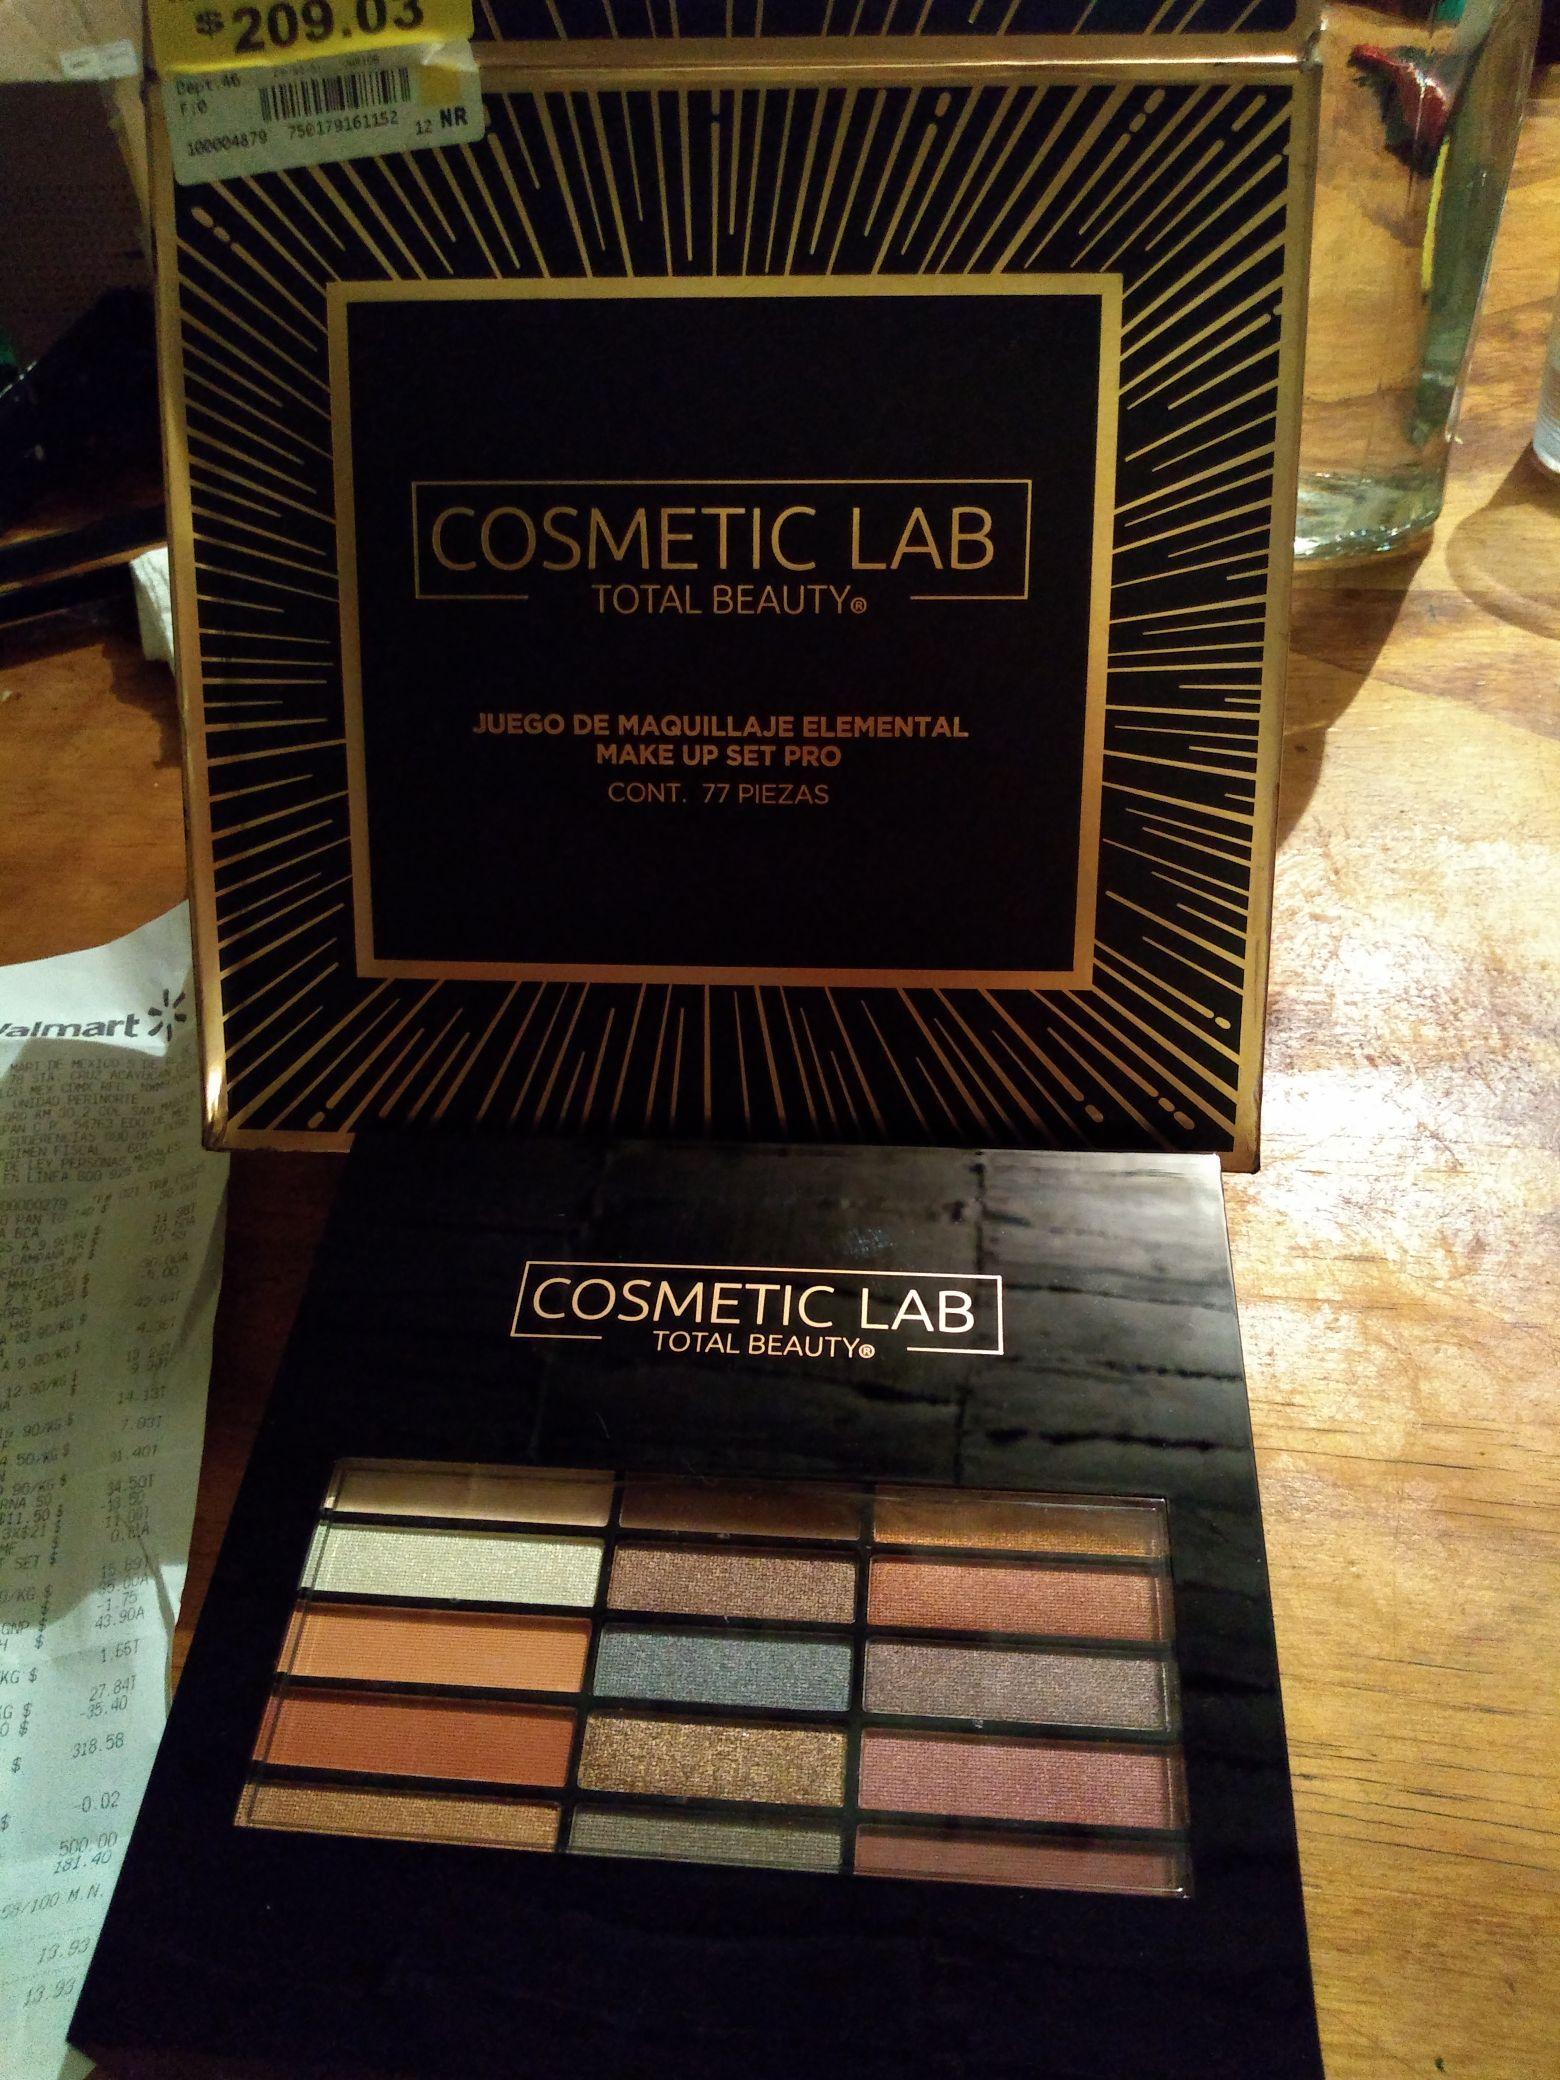 Walmart: juego de maquillaje cometic lab 77 piezas